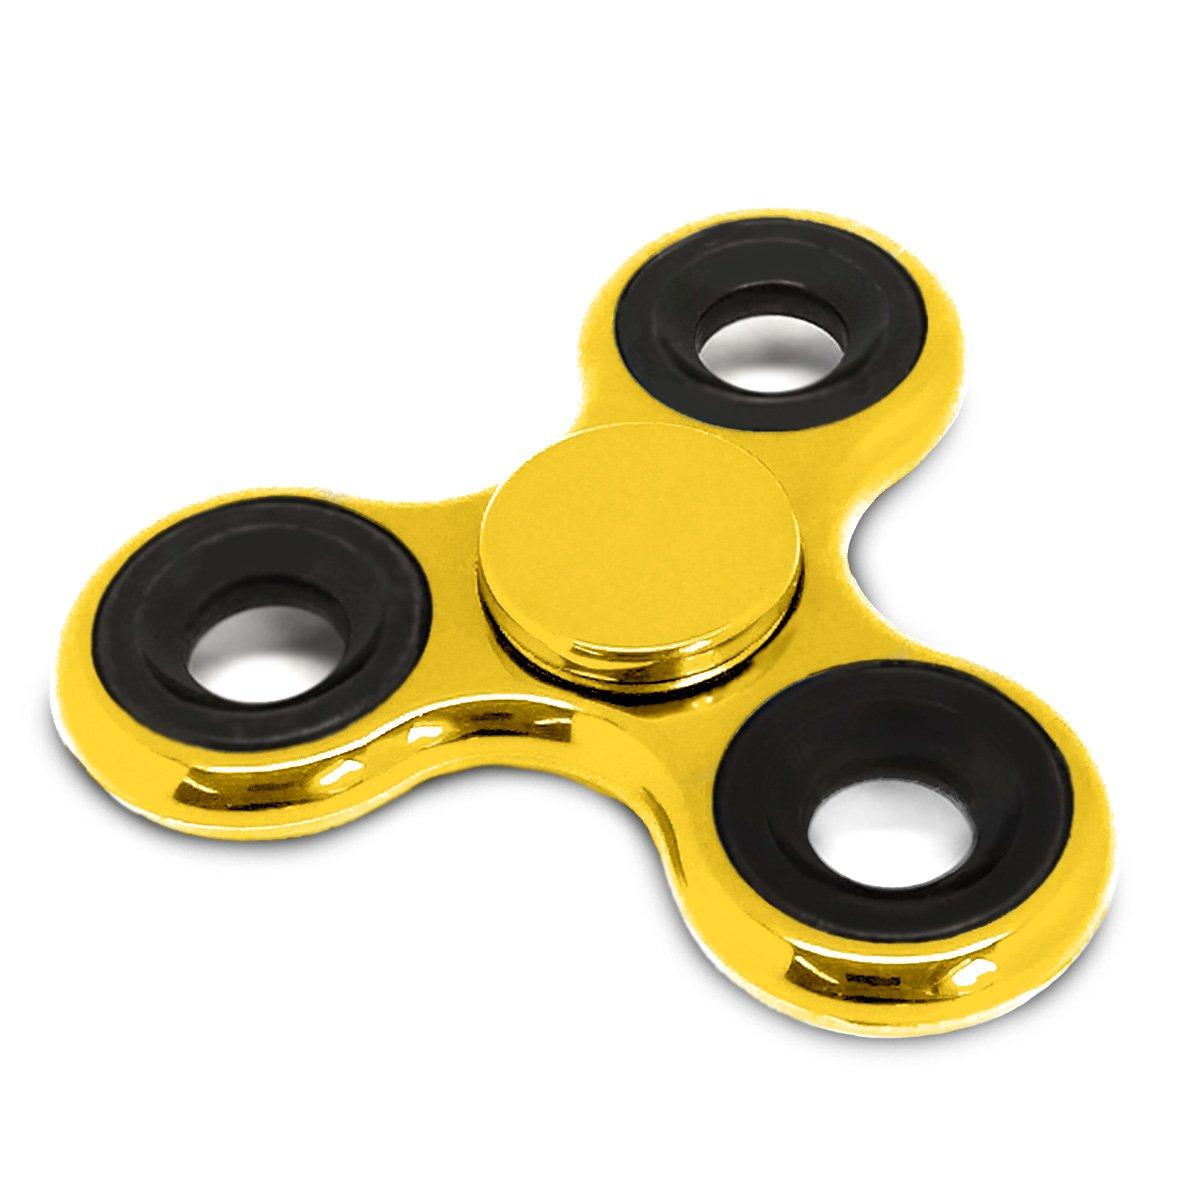 Spinners Chromed Finger Toy Stress Reducer Fidget Spinner, Gold Idea Nuova - LA NK690699